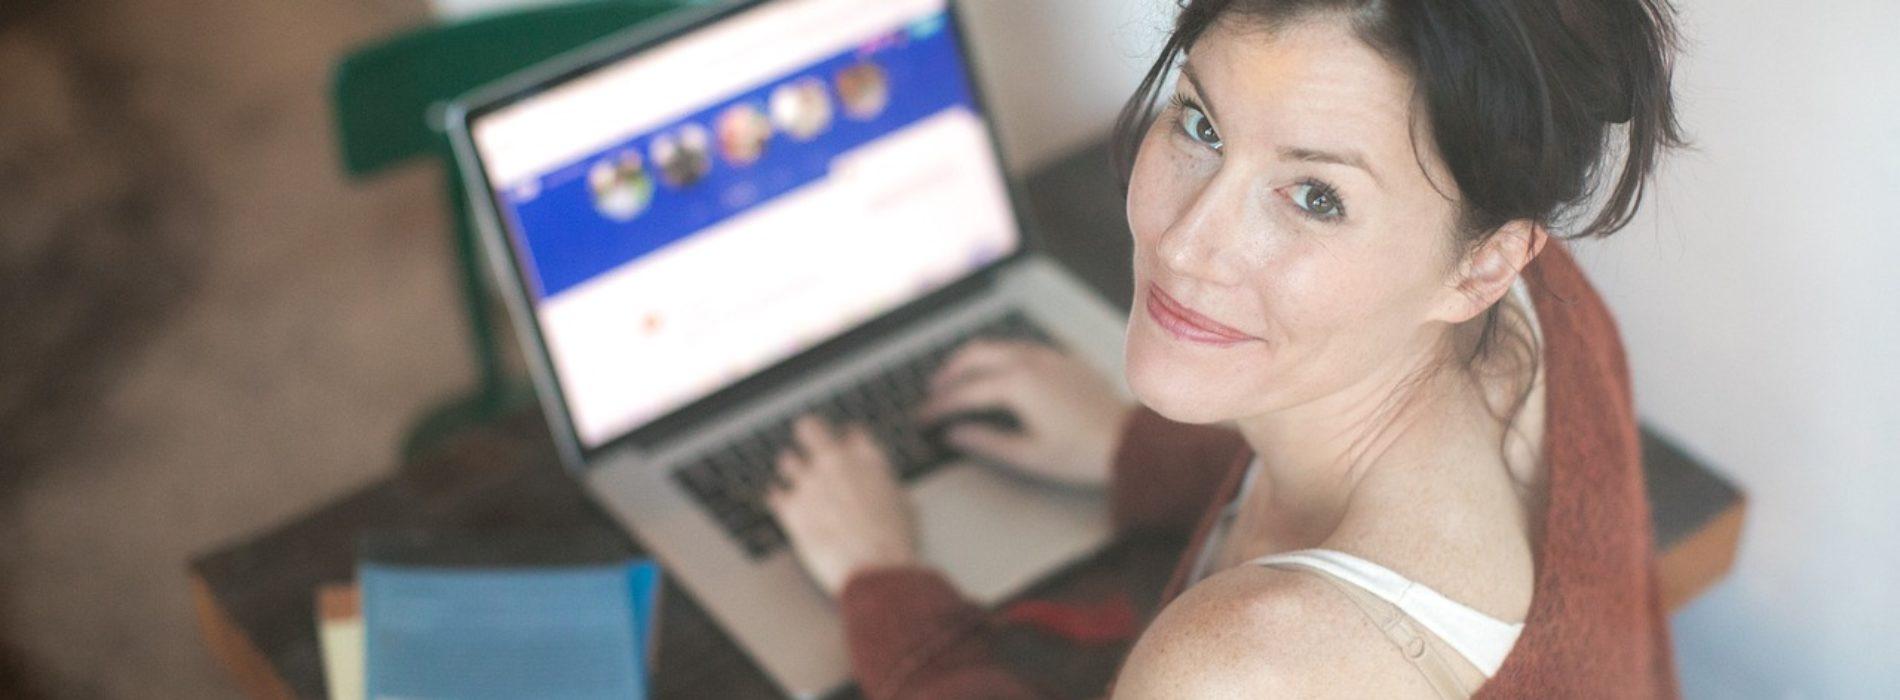 Sklepy internetowe w natarciu